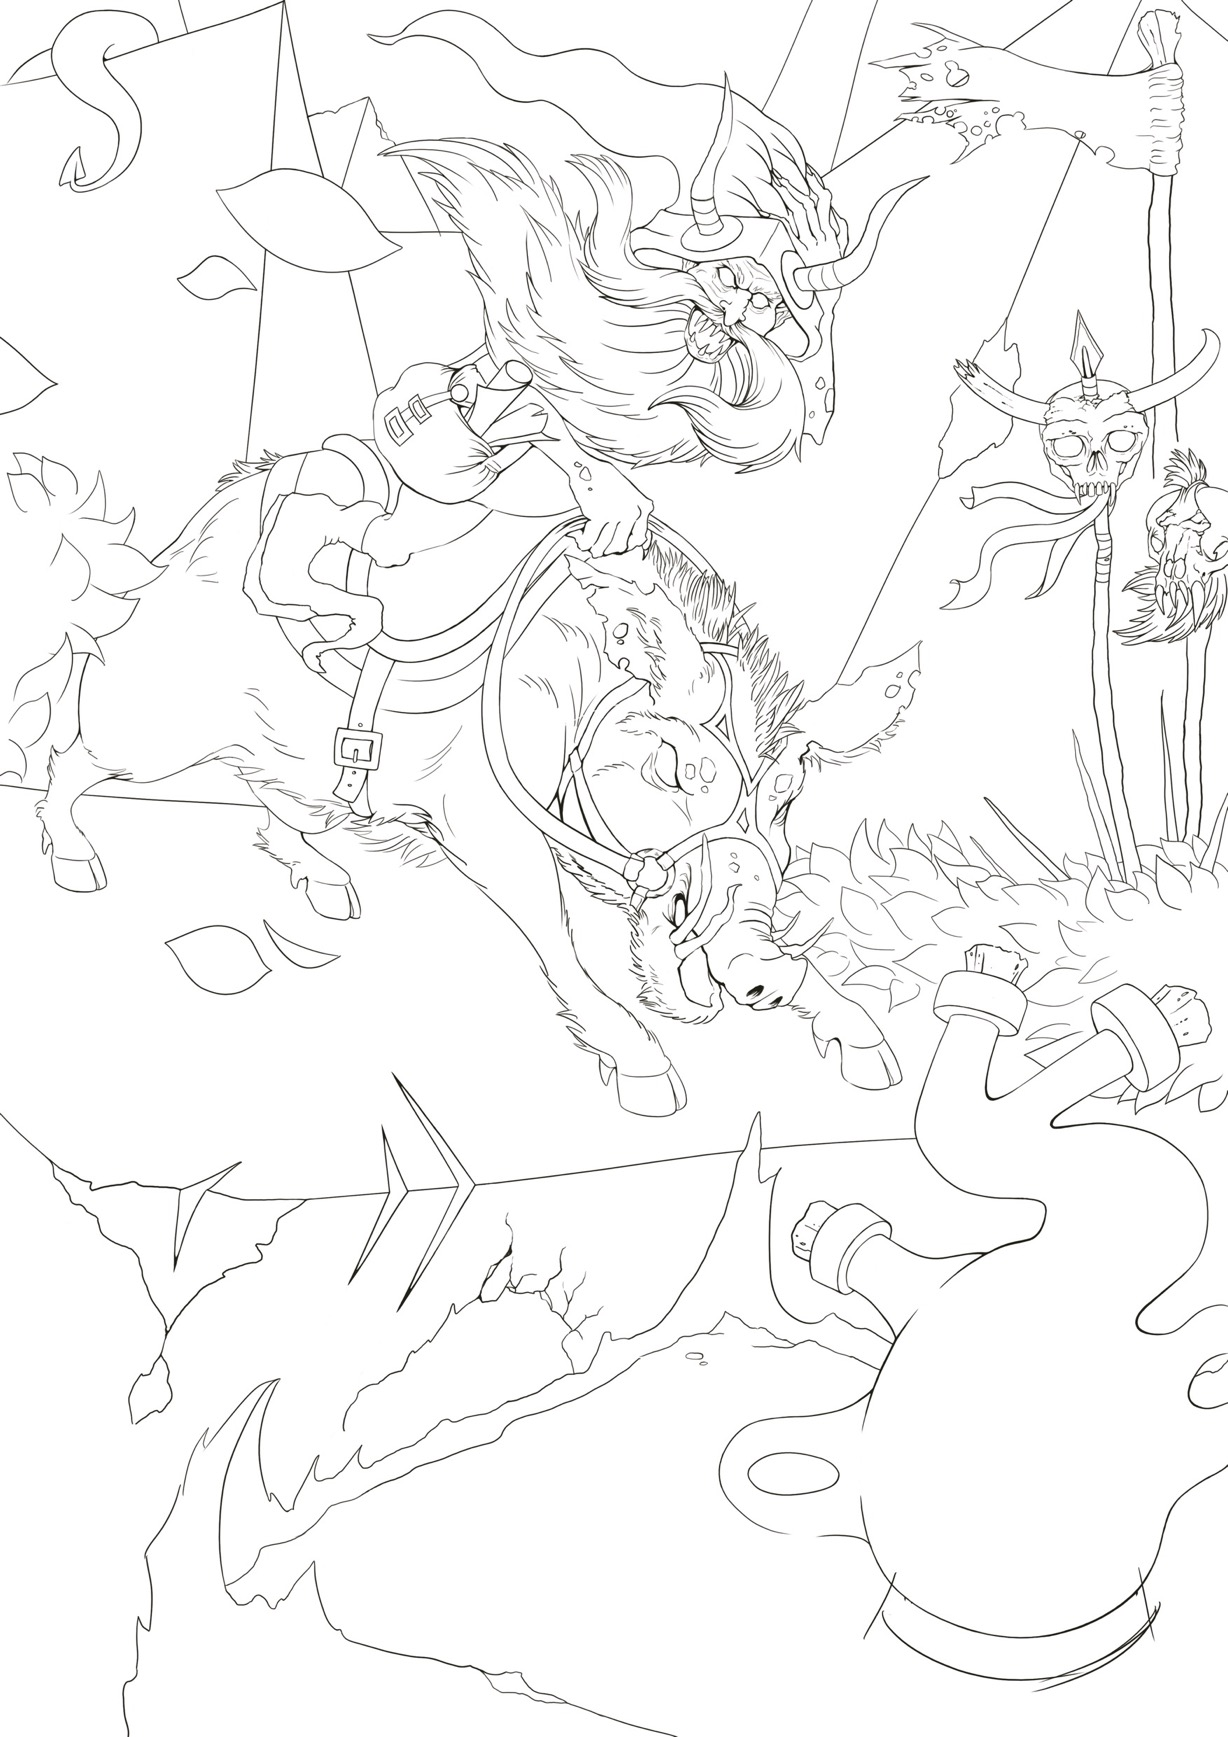 Demons Relic work in progress